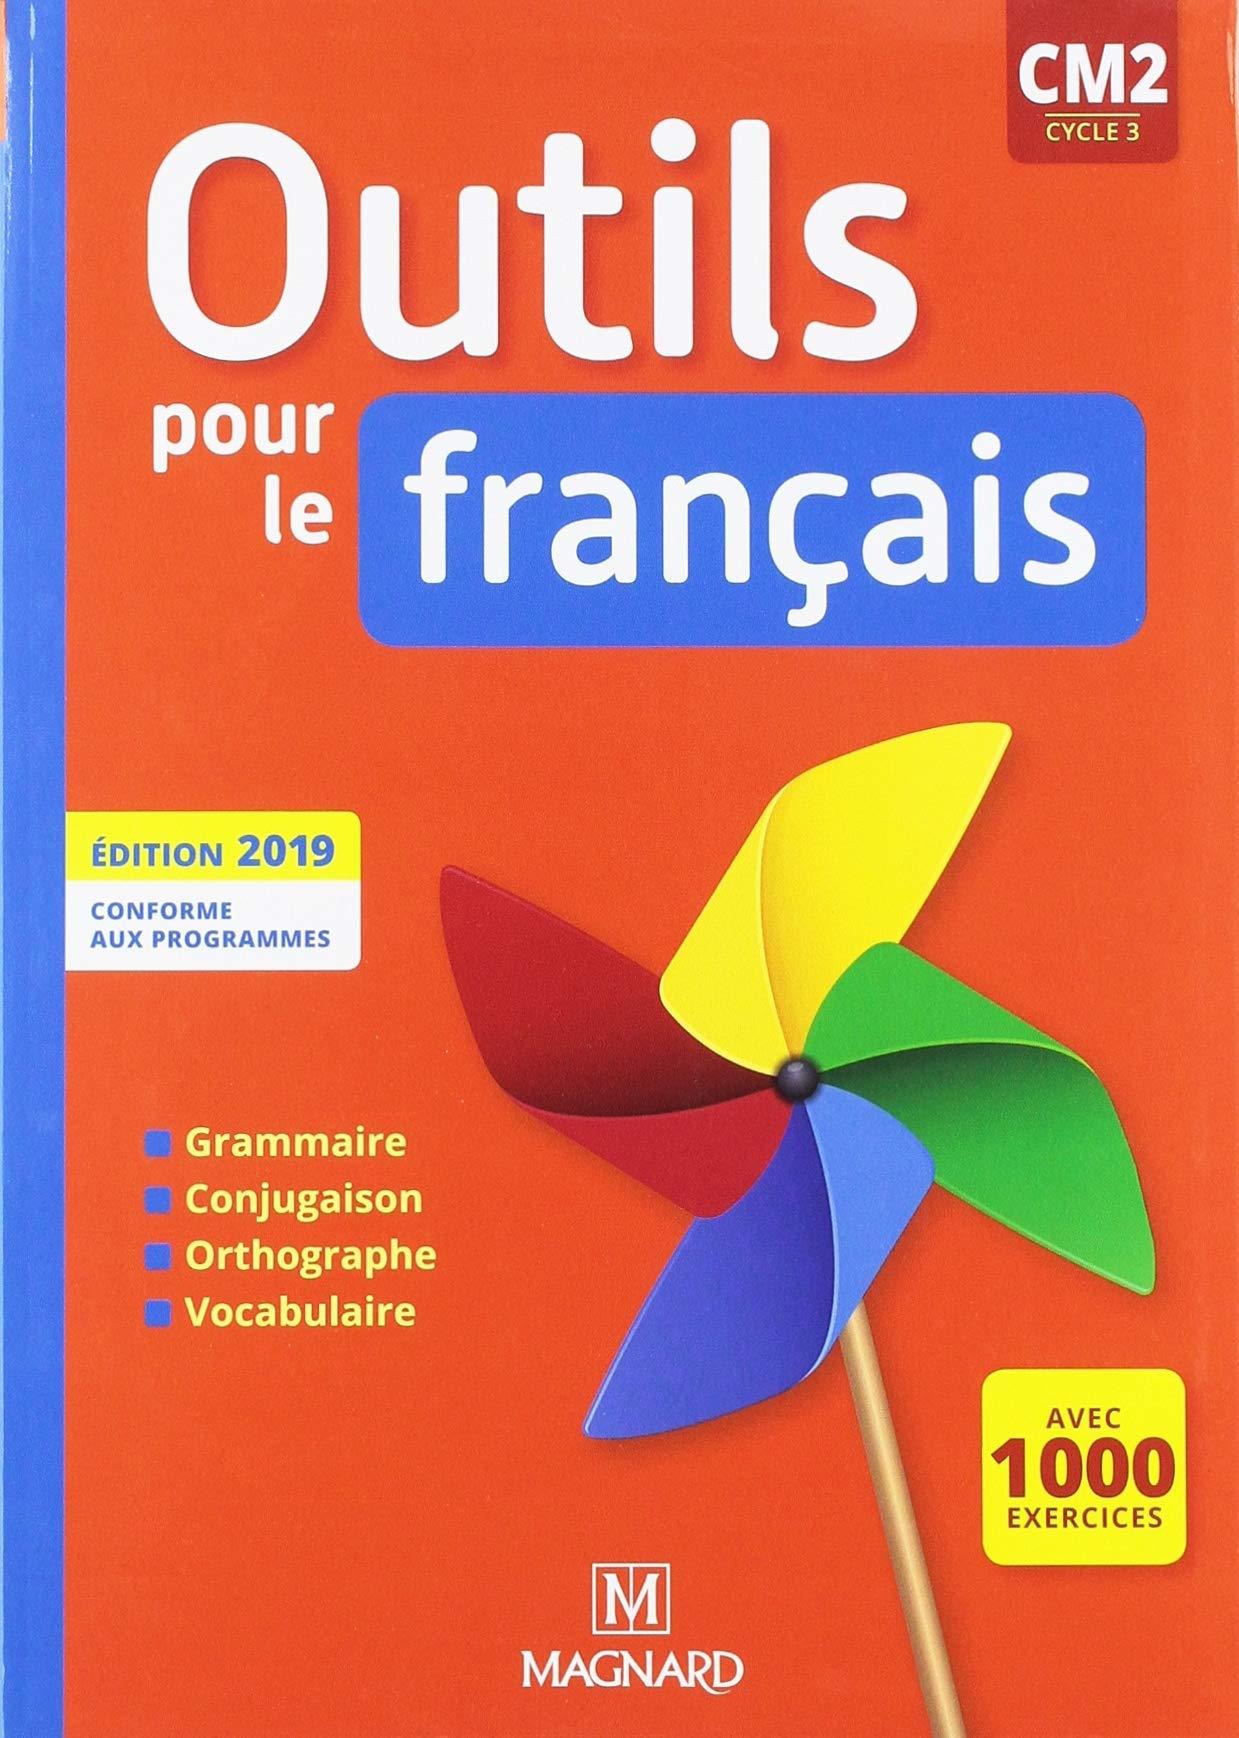 Outils Pour Le Francais Cm2 Cycle 3 Telecharger Lire En